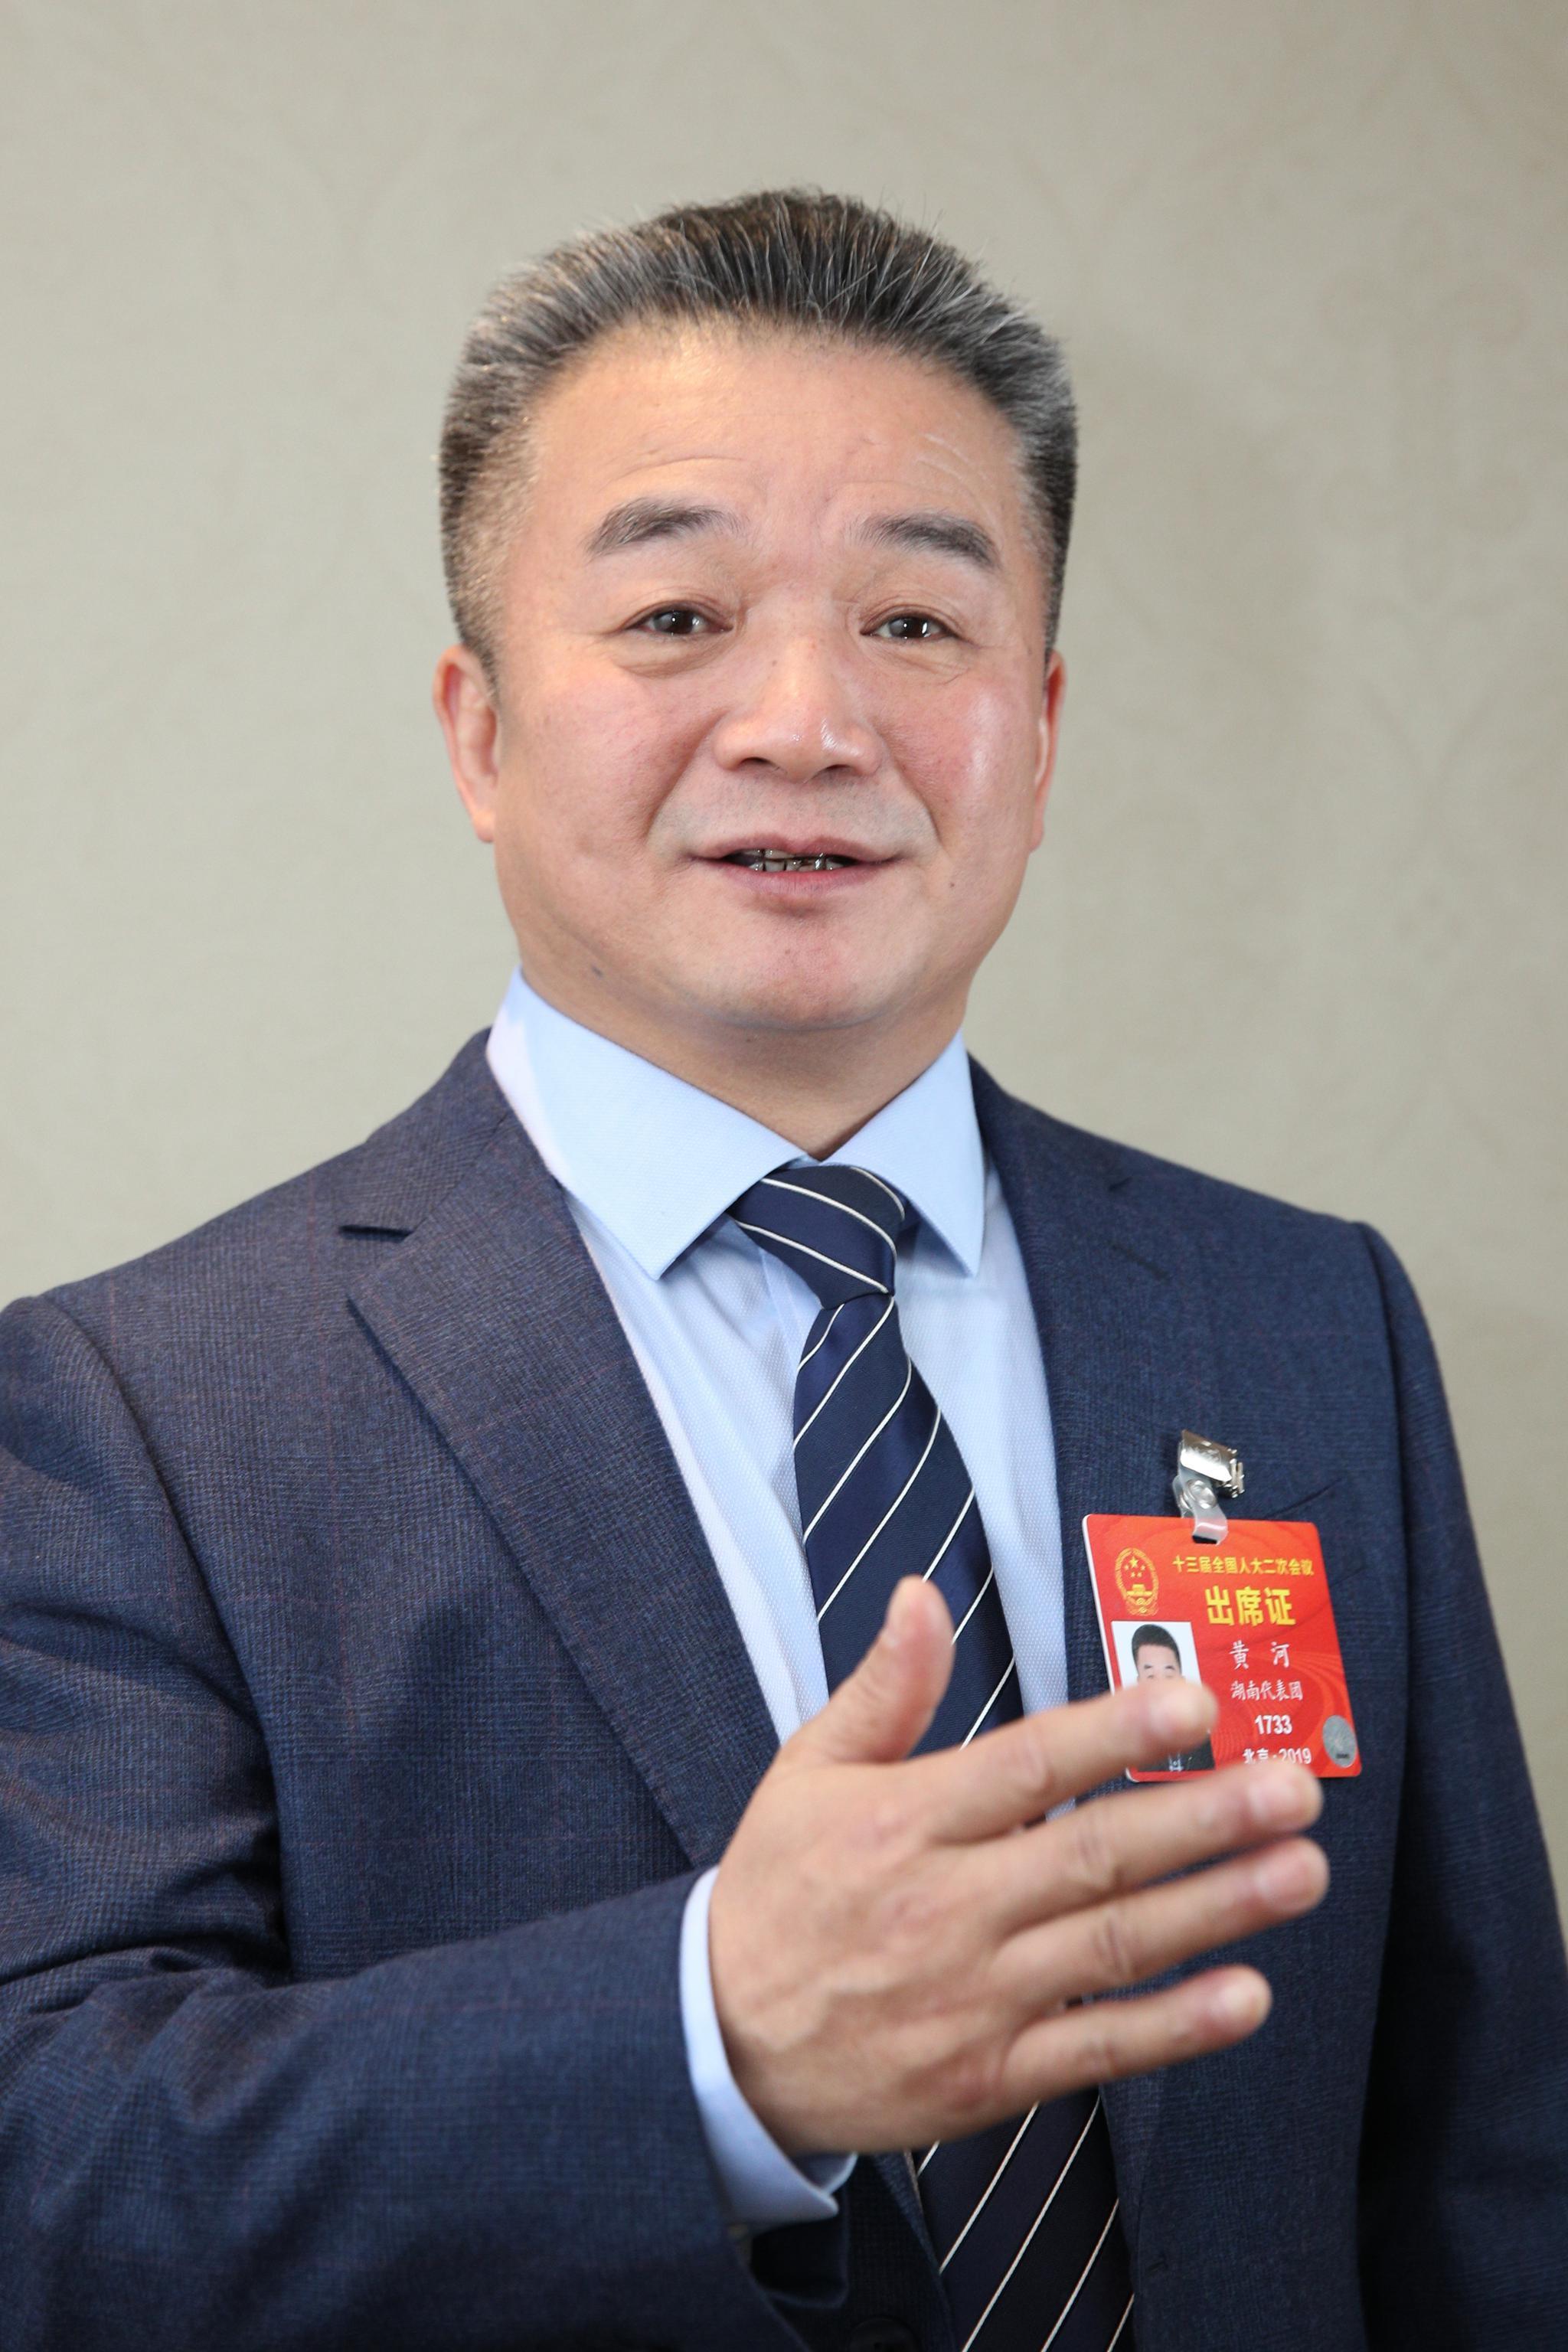 【两会国企新声】全国人大代表黄河:建议加强成品油消费税监管图片